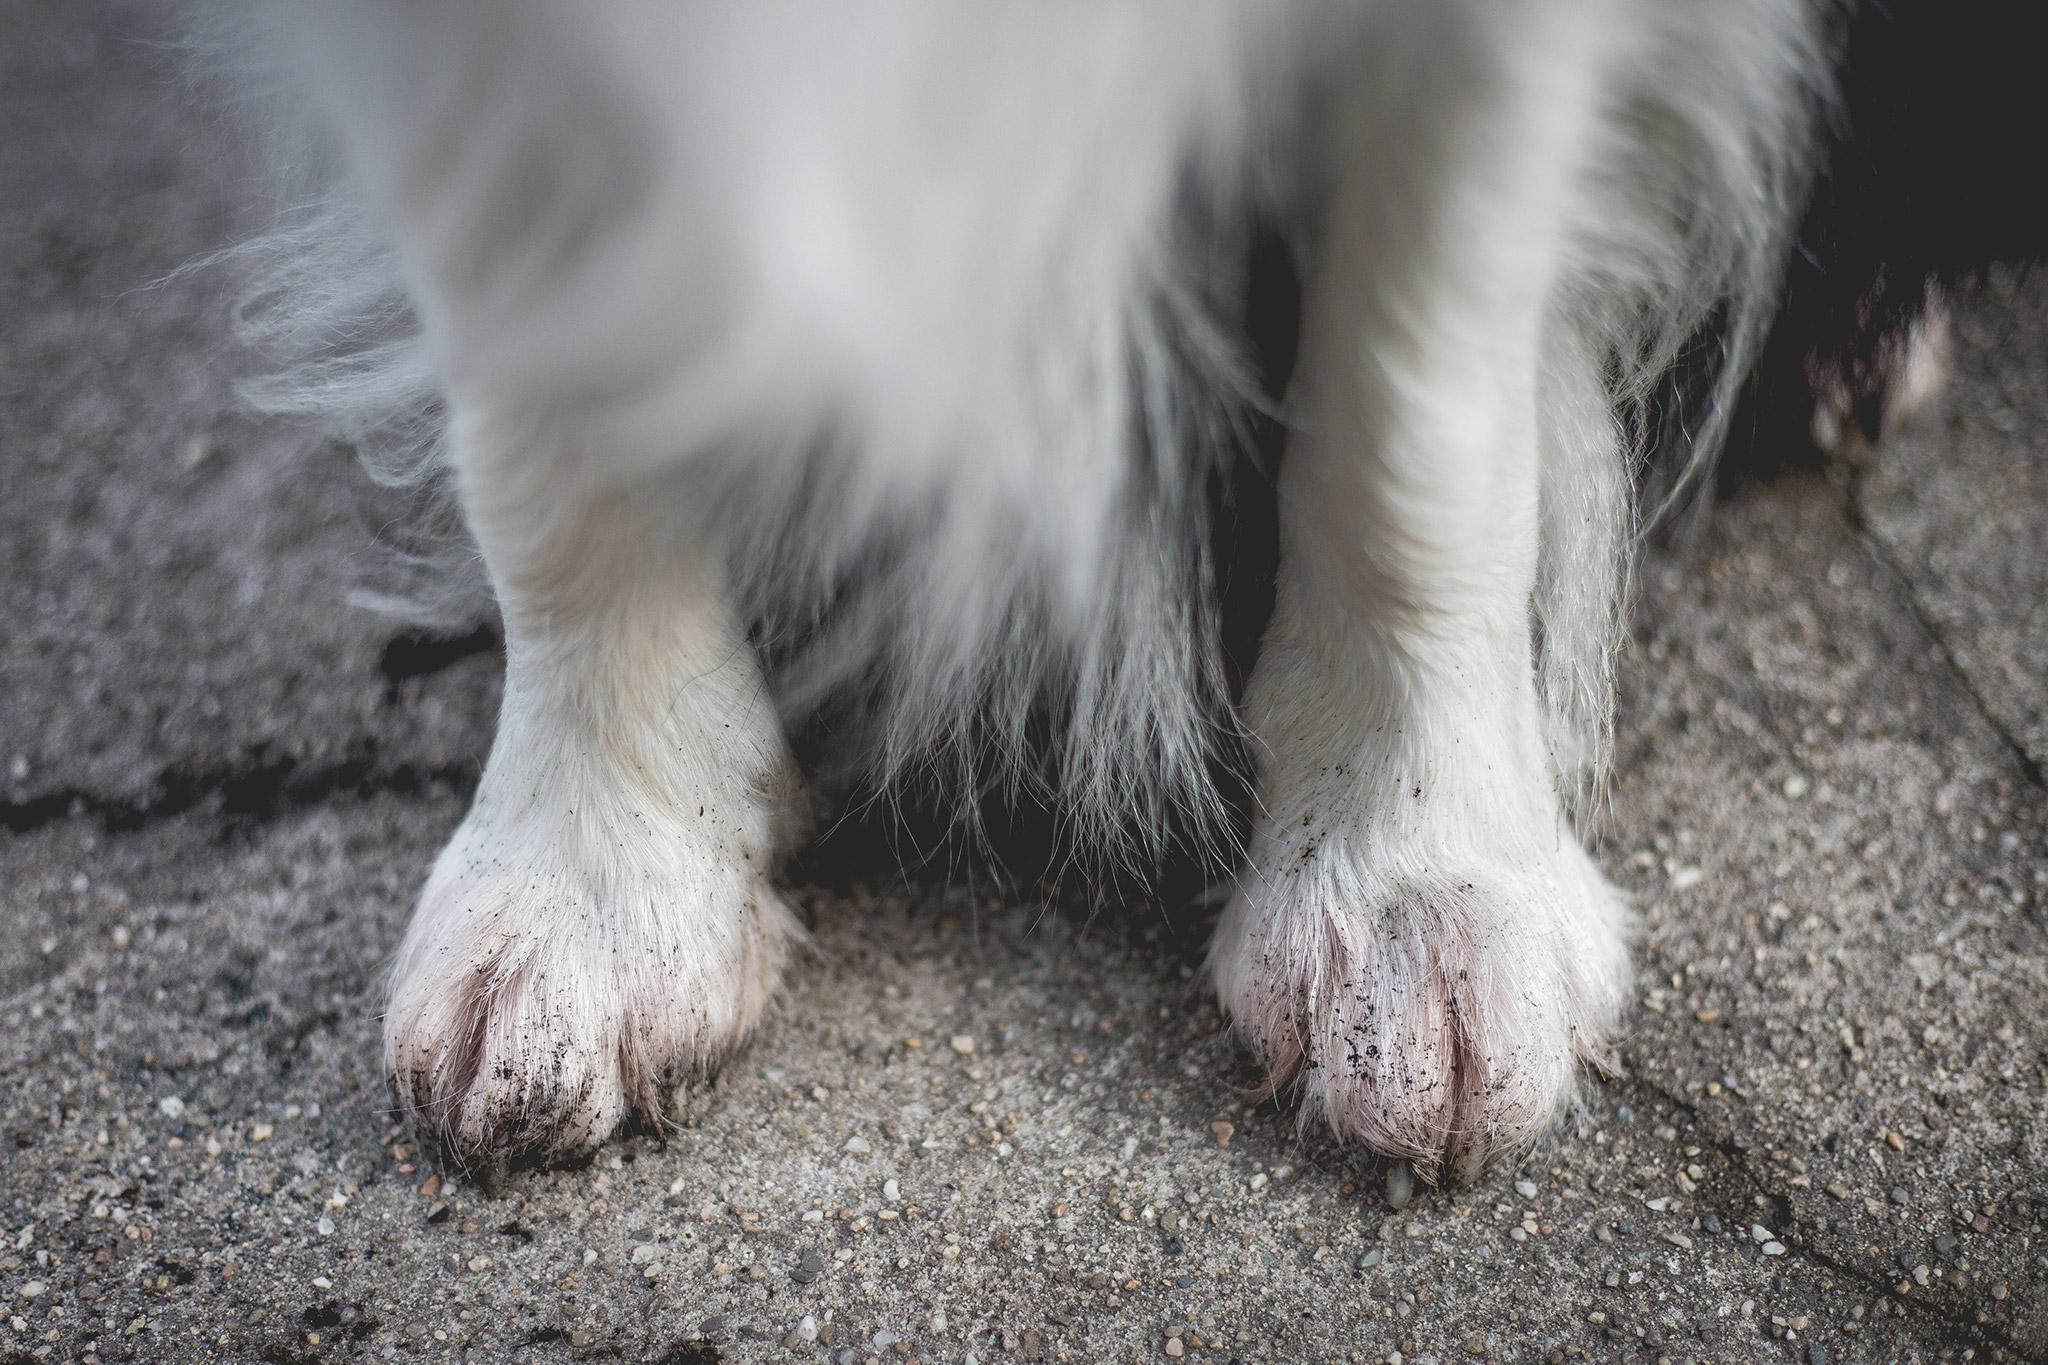 22|05|2019 – Wurfkiste? Och nö … dann doch lieber 'ne eigene Wurfhöhle graben …